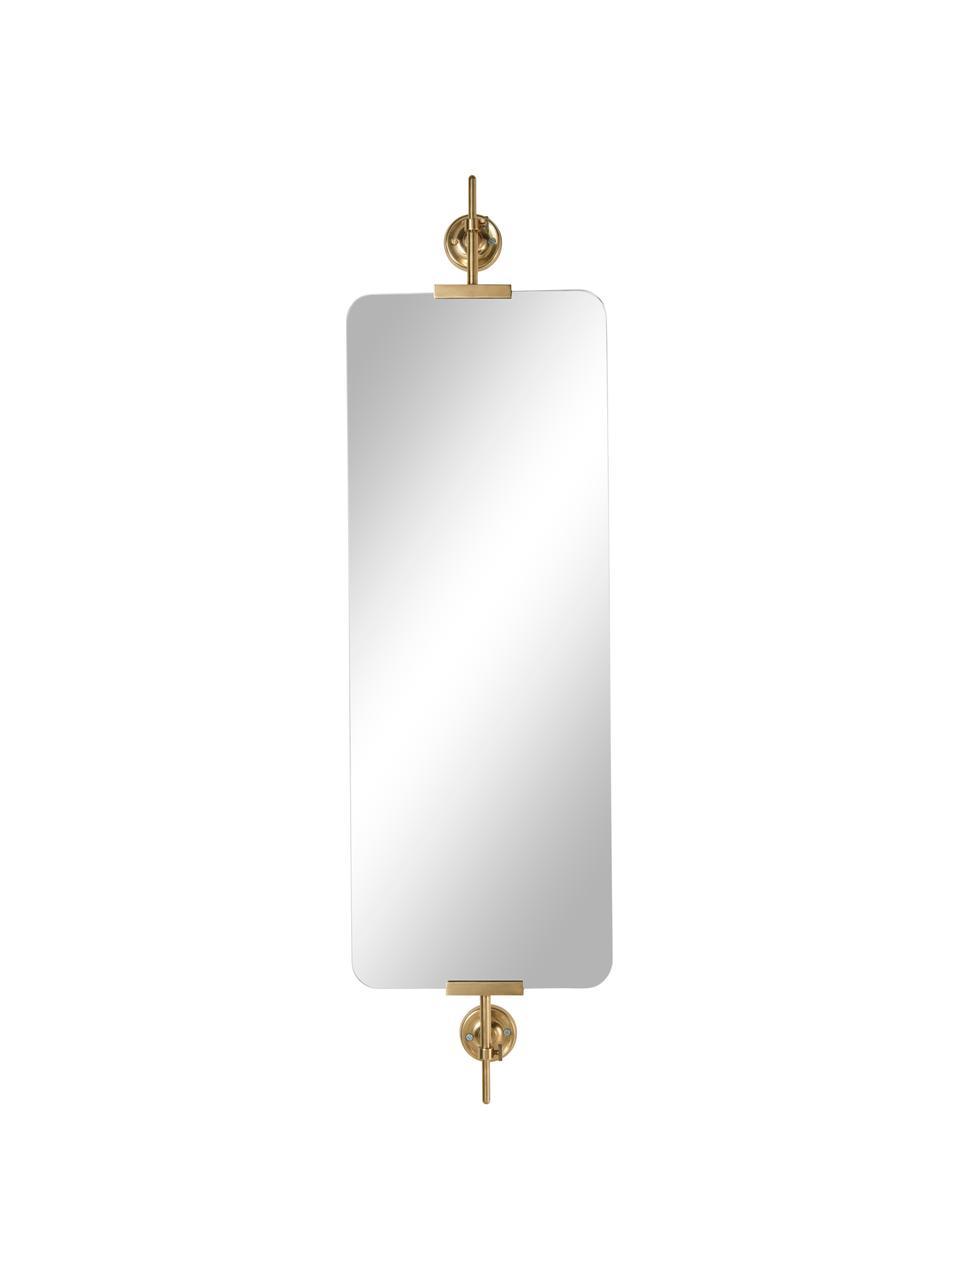 Wandspiegel Uma, Messingkleurig, 10 x 30 cm